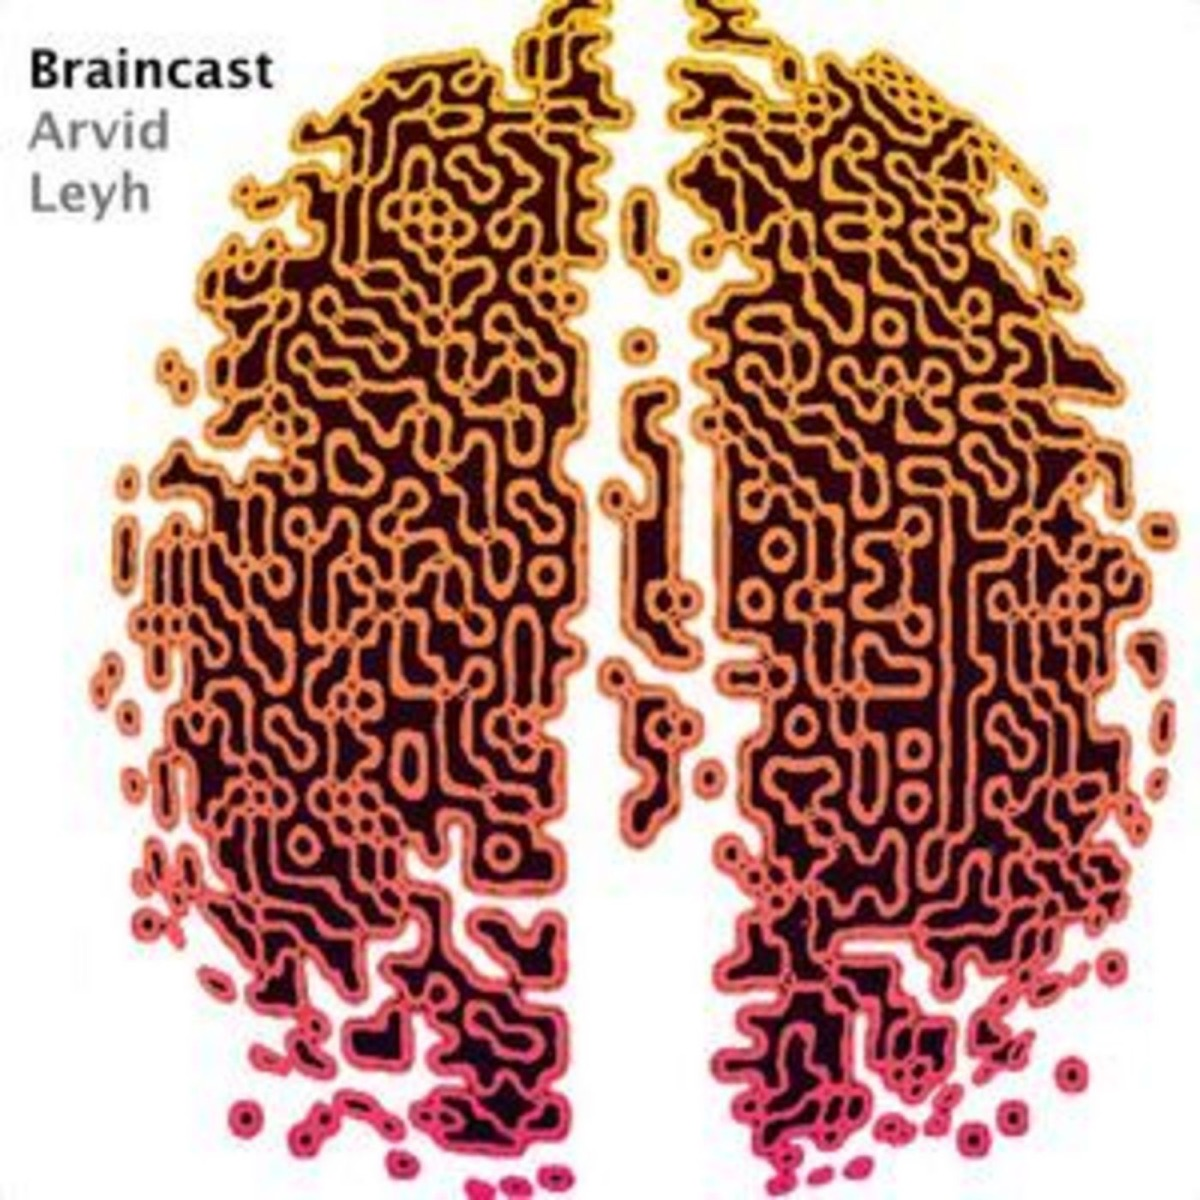 Braincast 352 – Einsamkeit